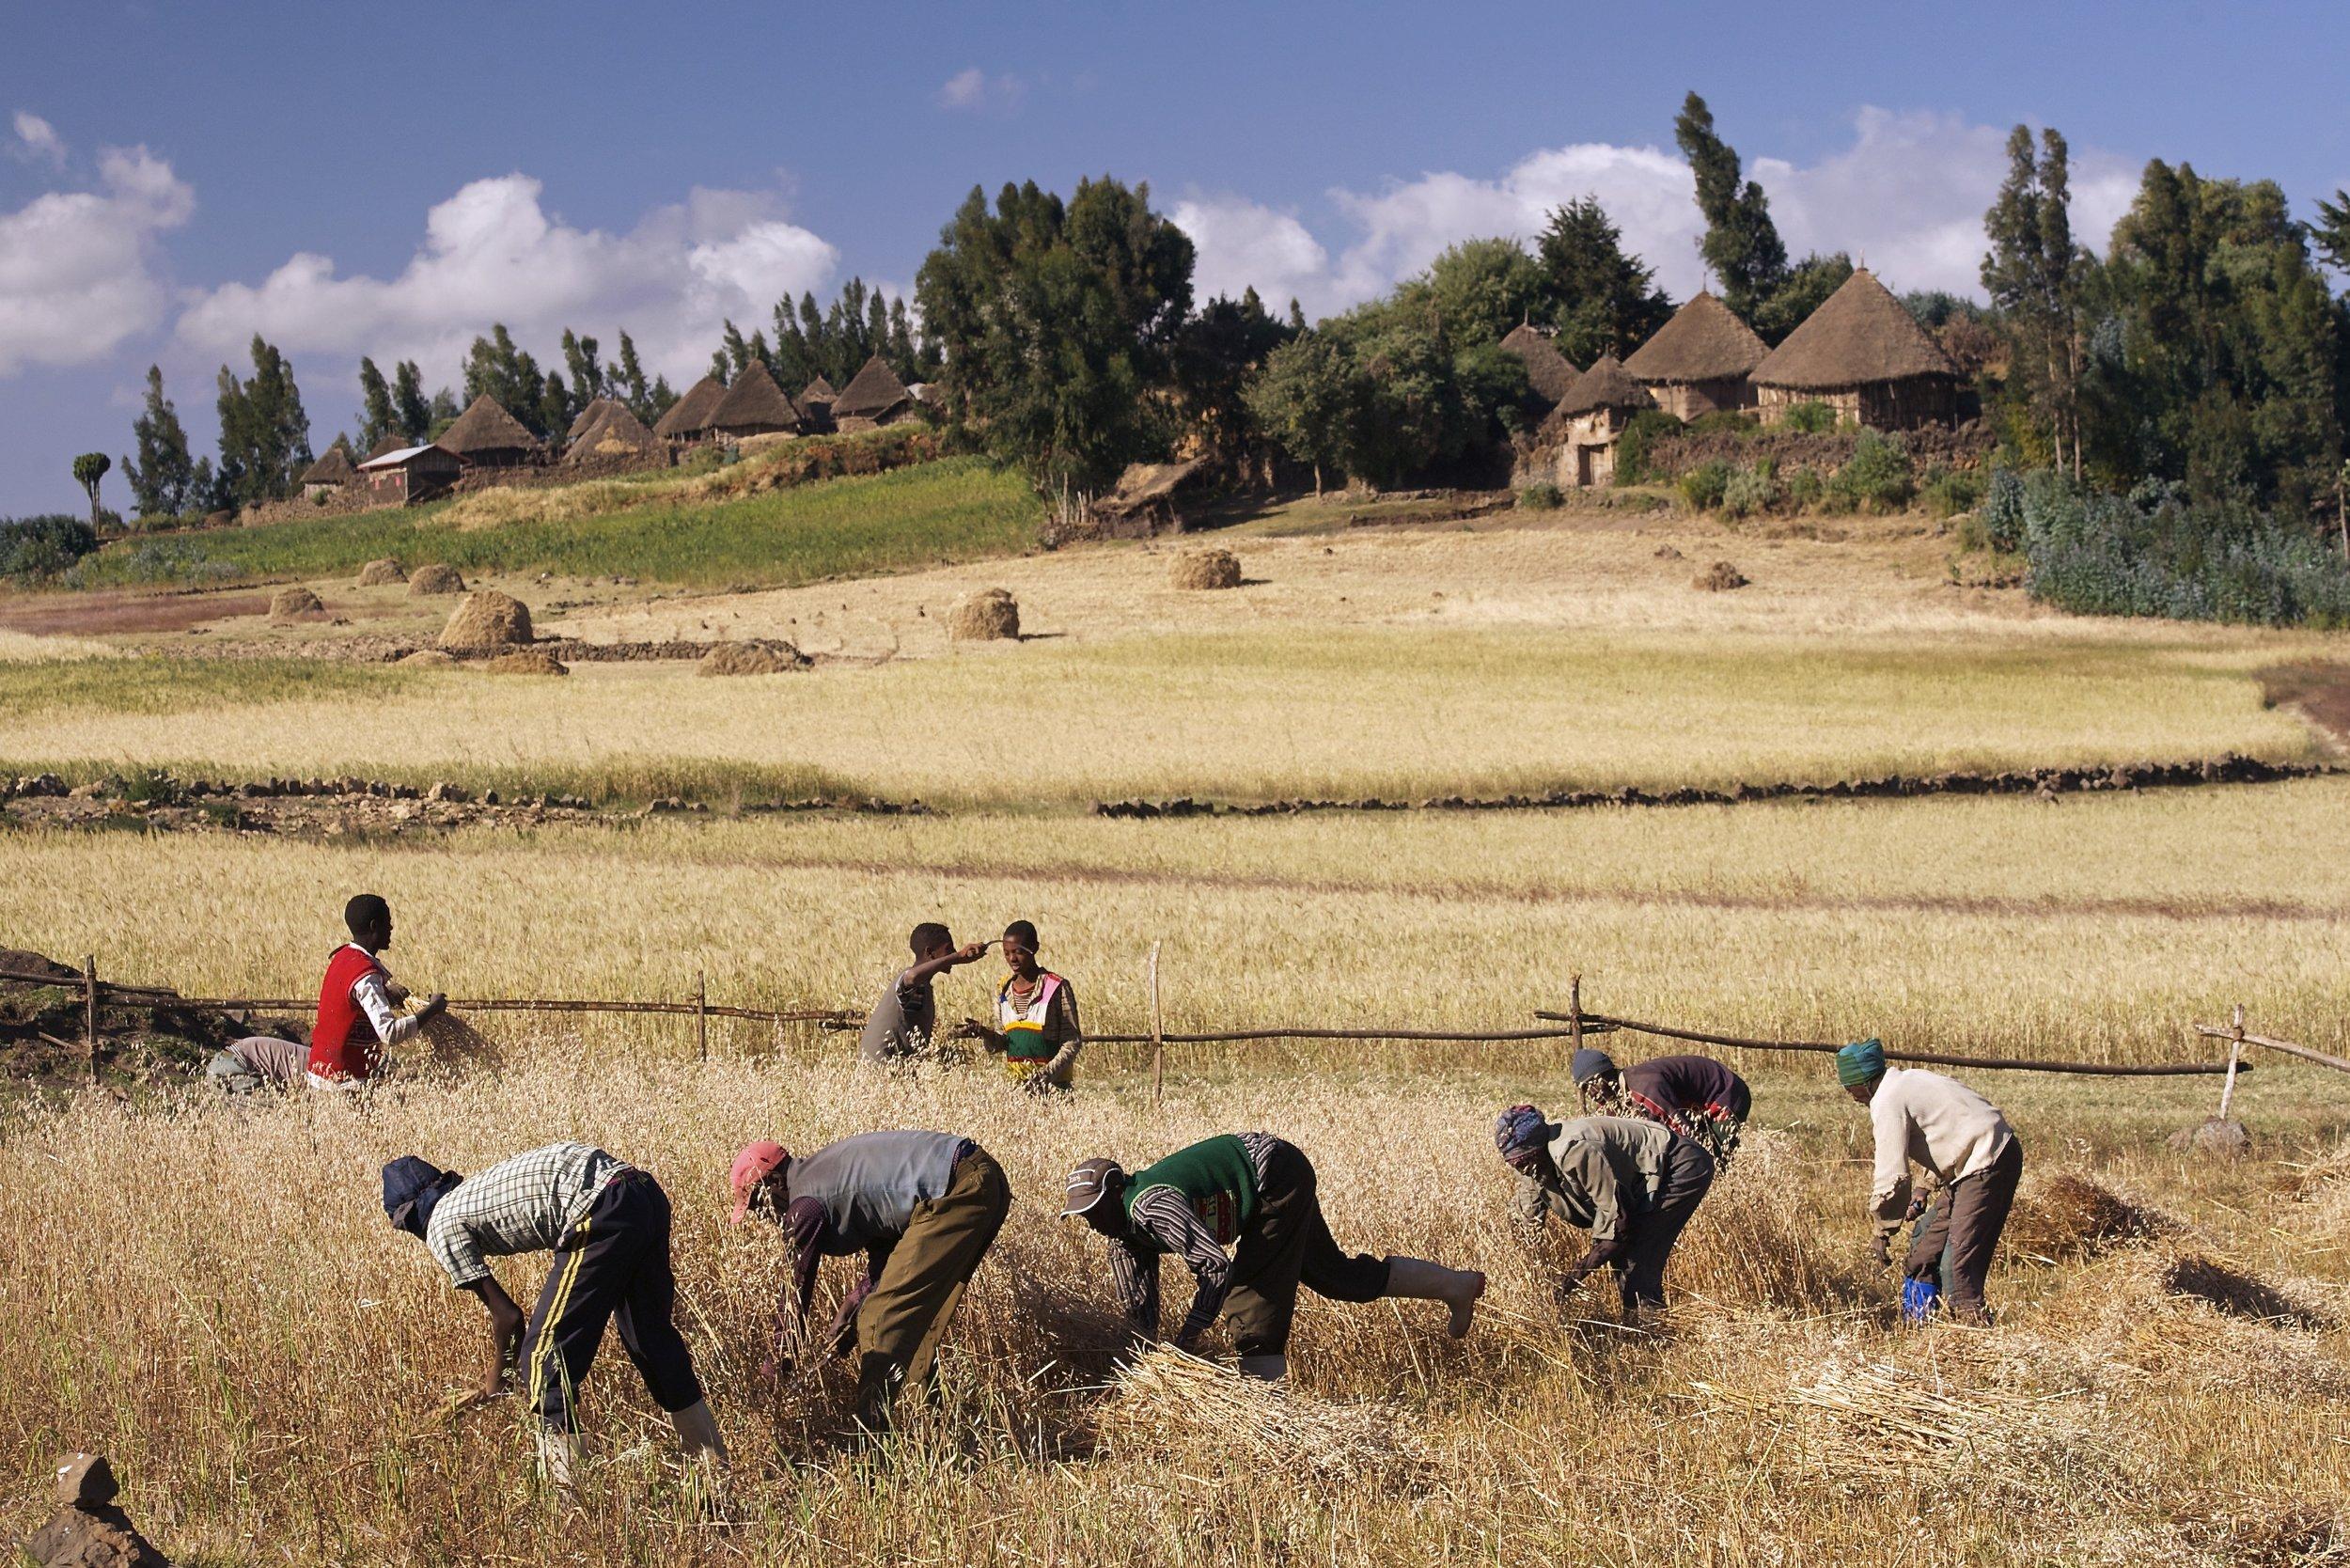 HARVEST IN ETHIOPIA